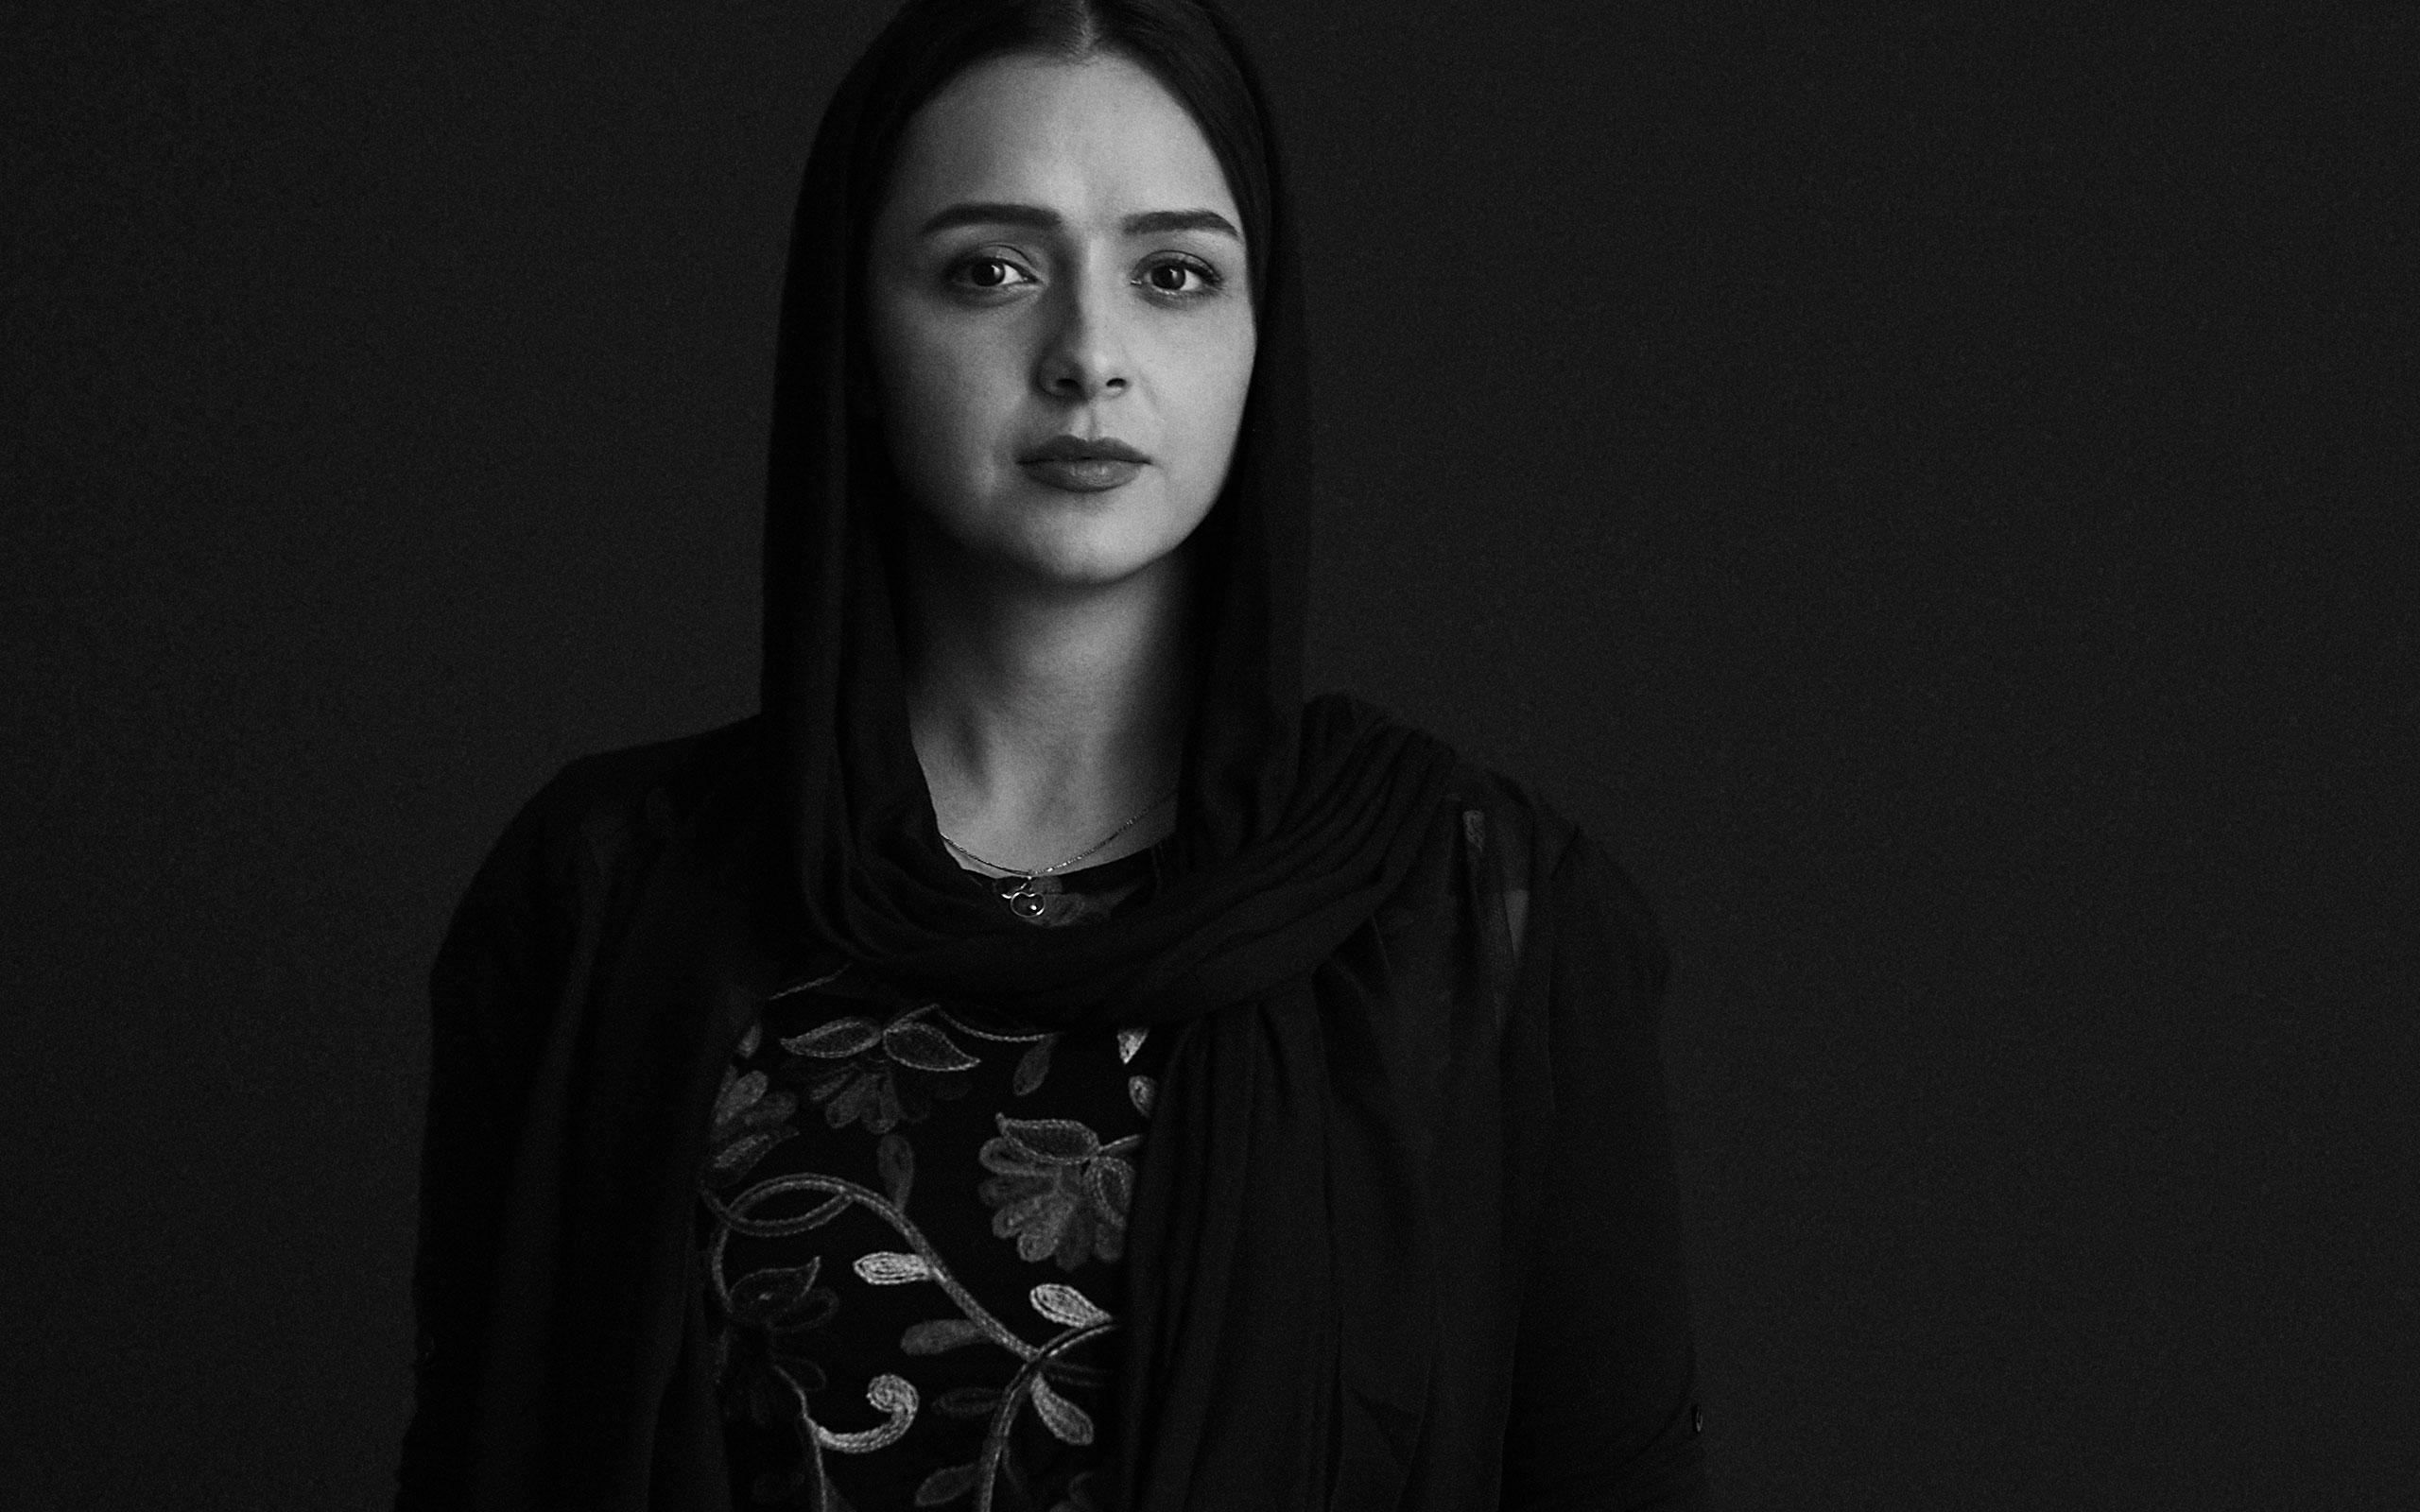 イランの日常を世界とつなぐ、女優 Taraneh Alidoosti (タラネ・アリドゥスティ) 最新作『セールスマン』とは?